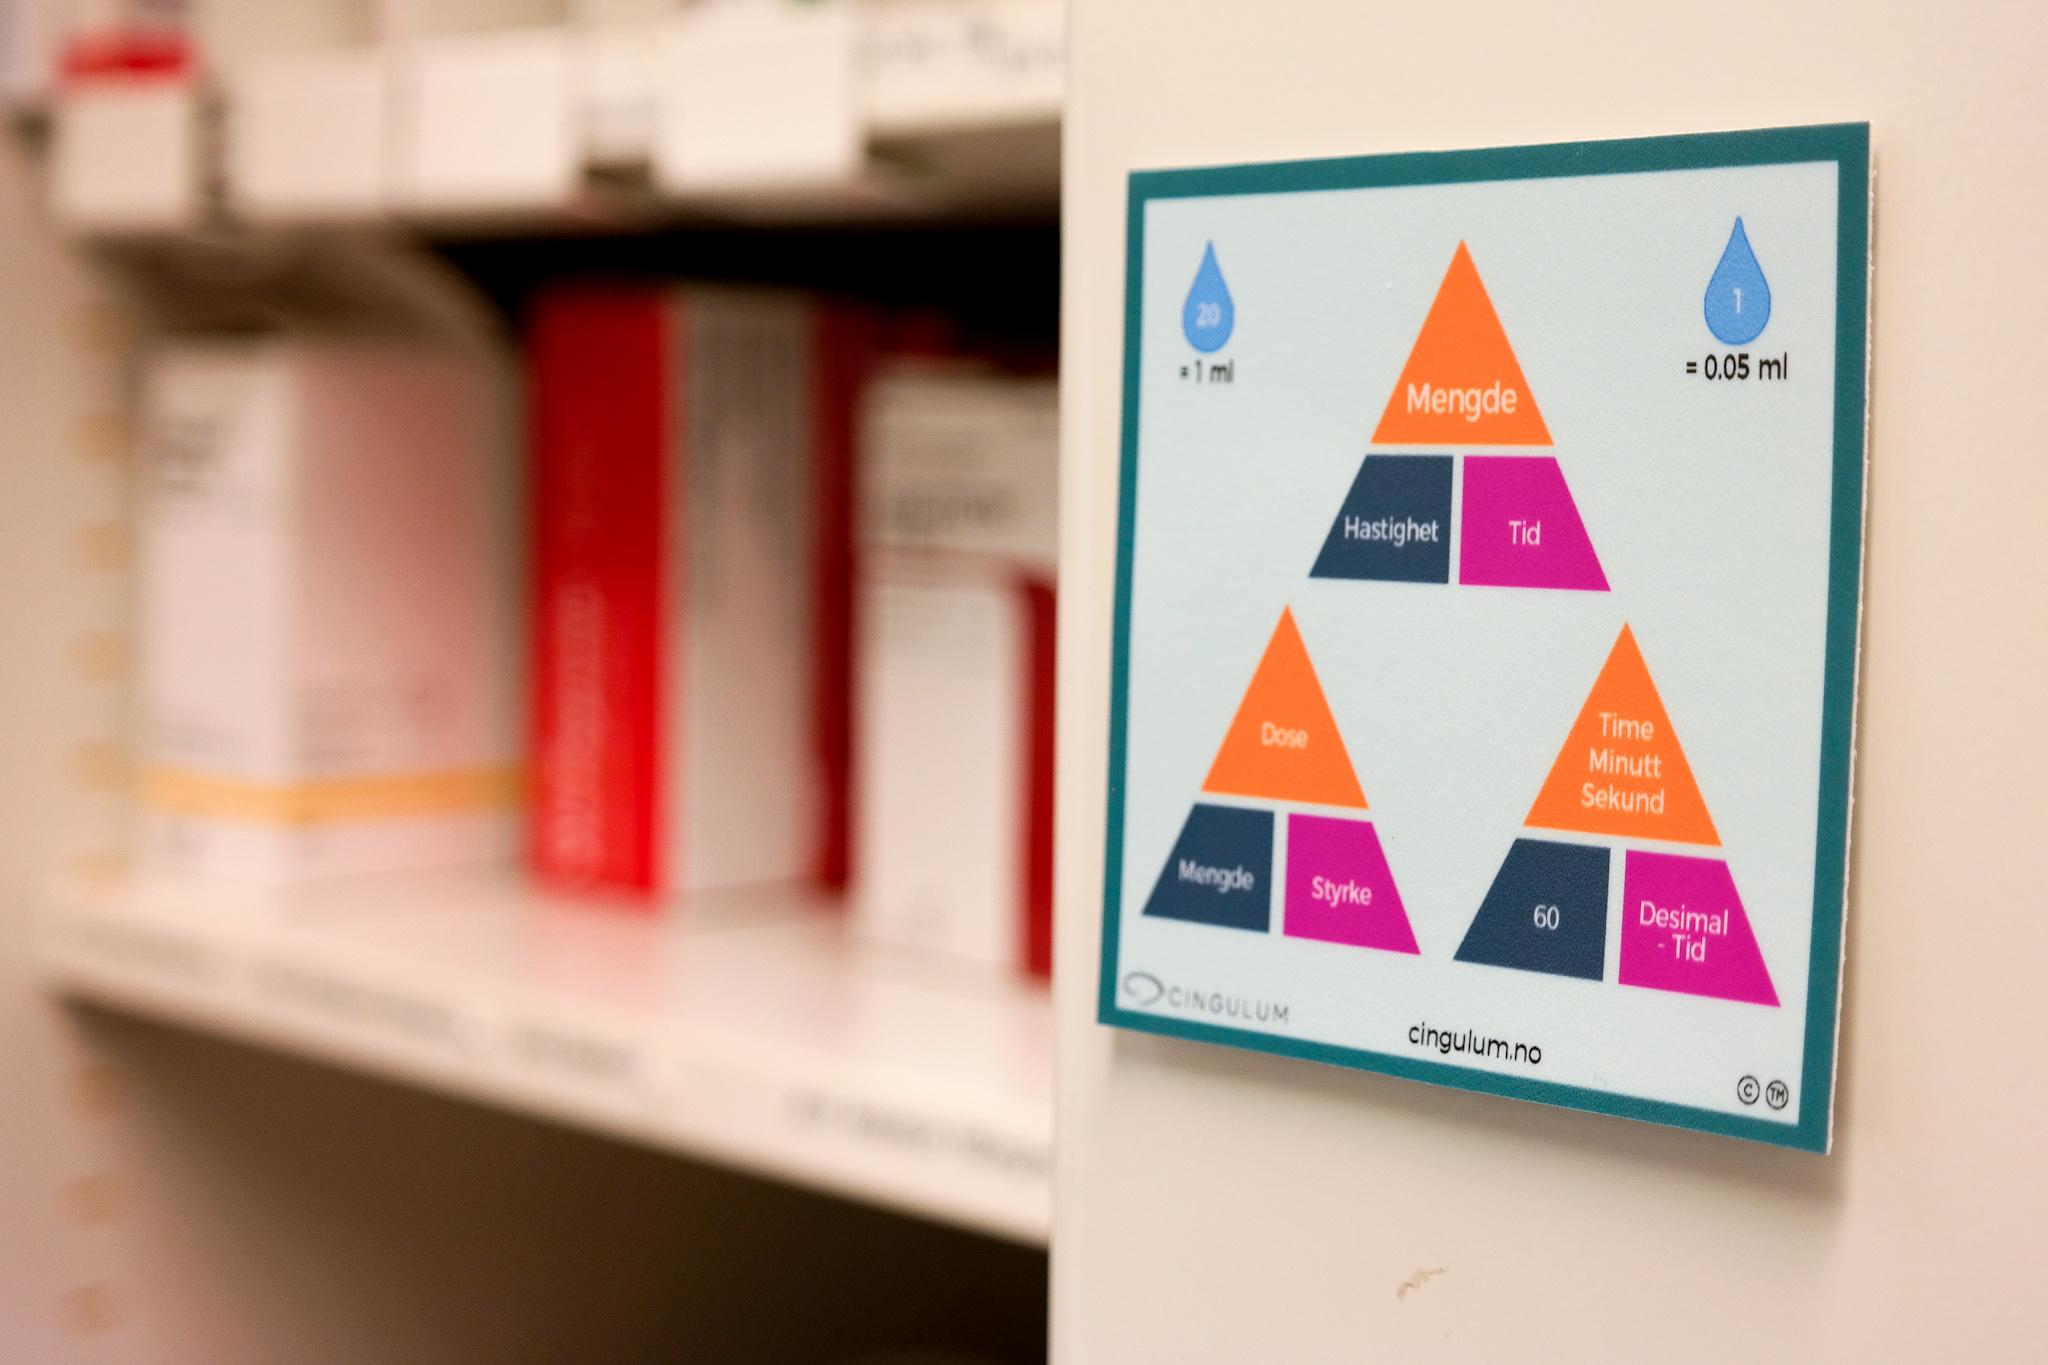 Bilde av De tre viktigste formlene for legemiddelregning samlet på ett og samme klistremerke, Cingulum